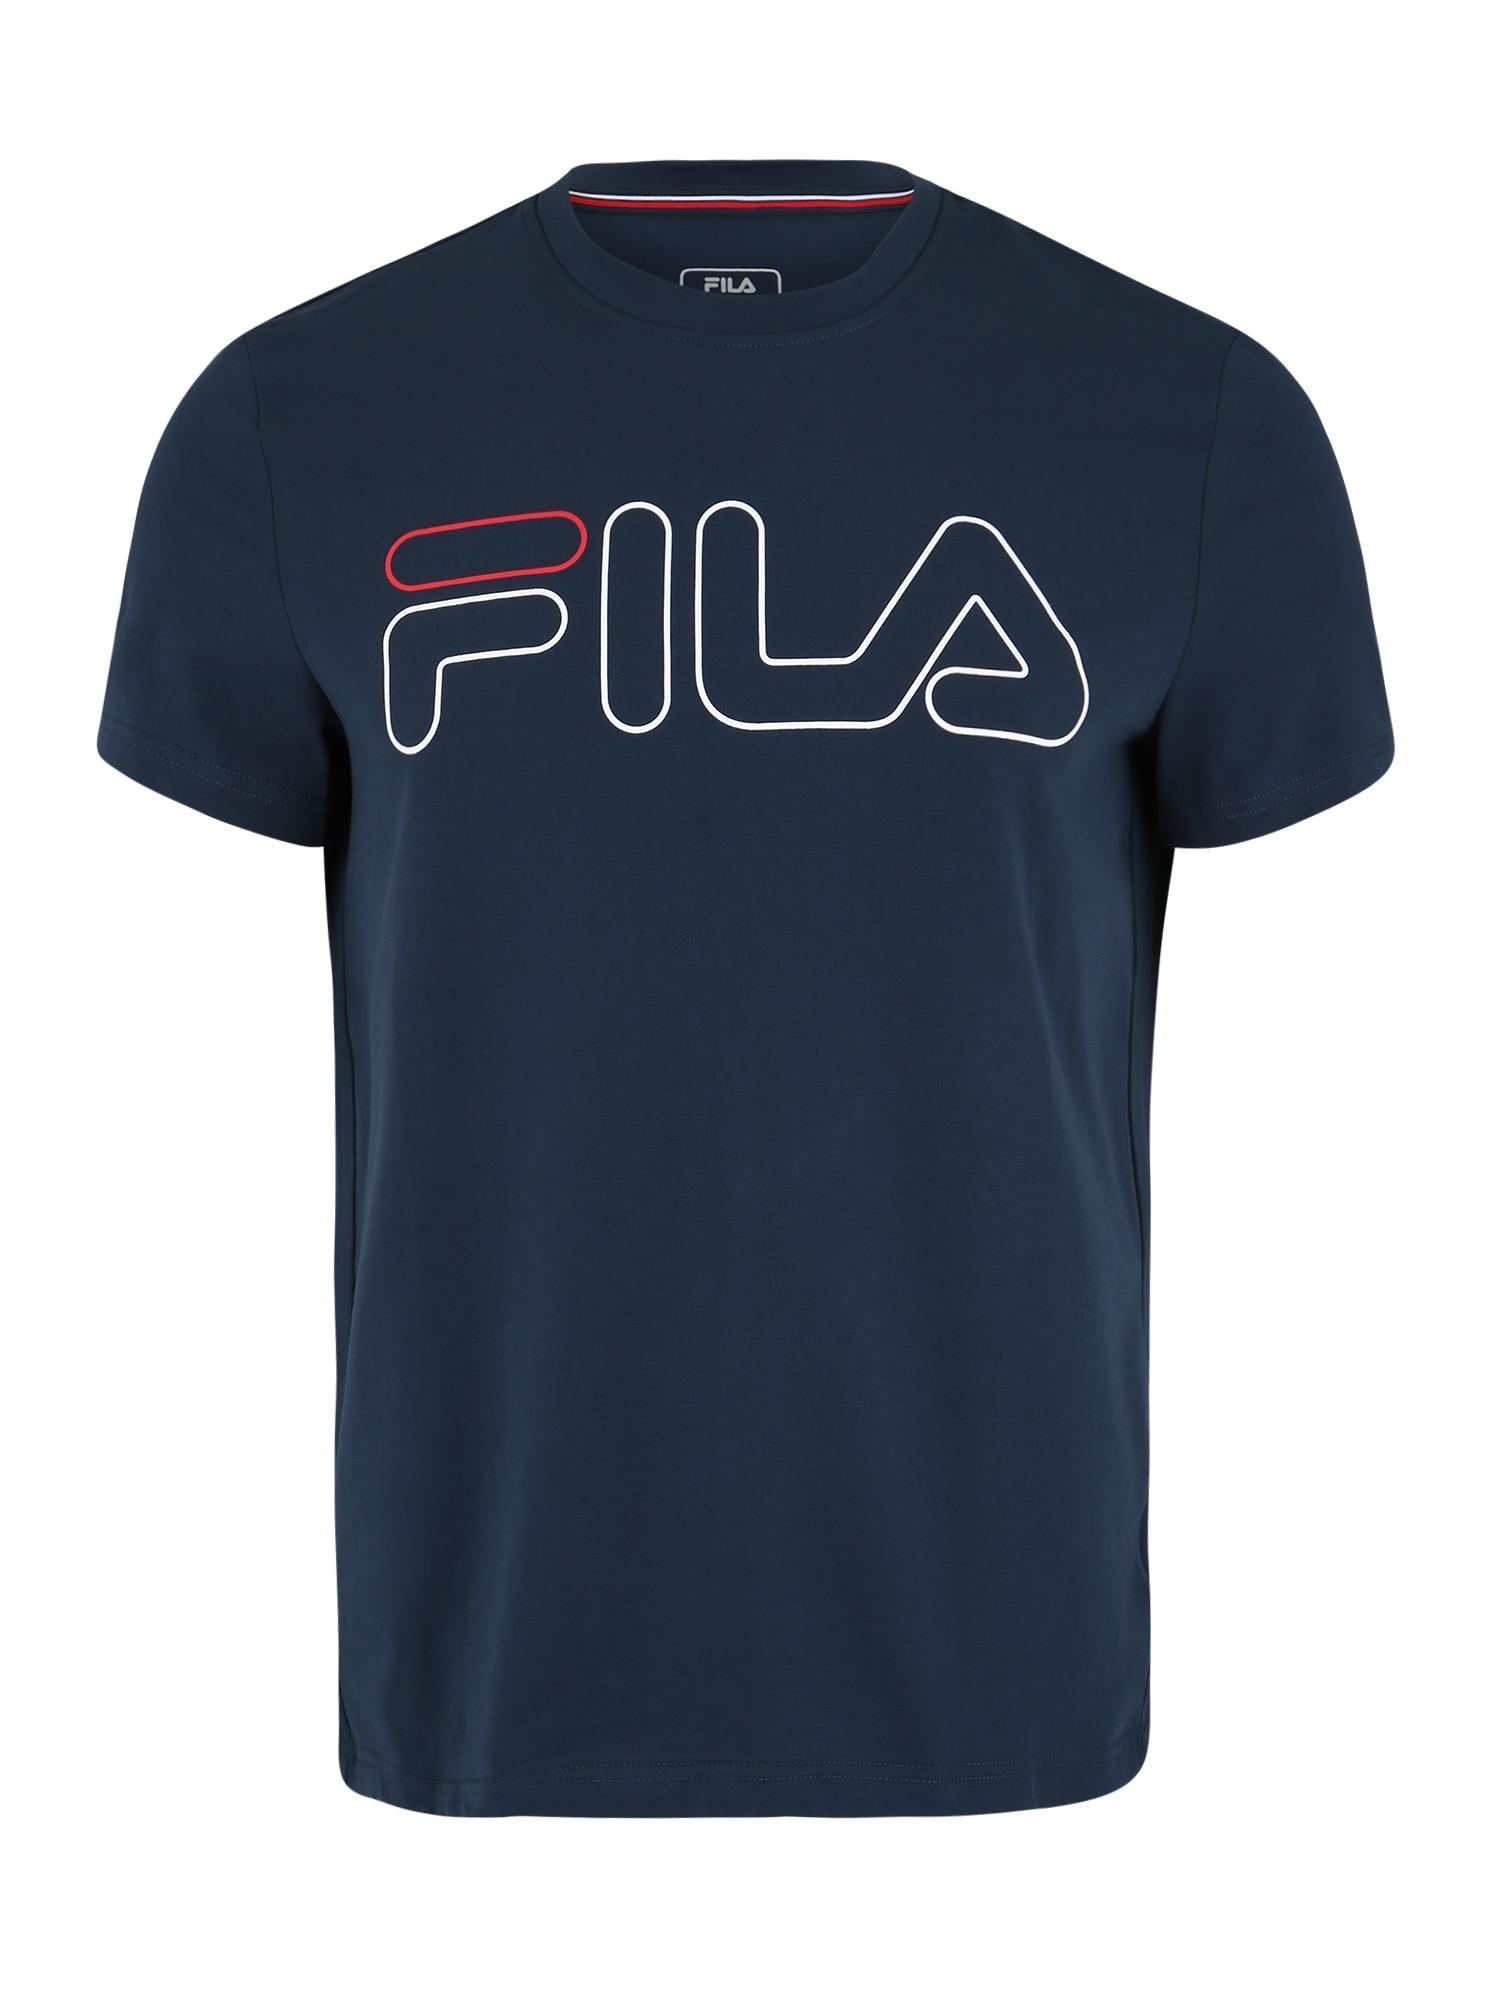 Funkční tričko Ricki tmavě modrá červená bílá FILA